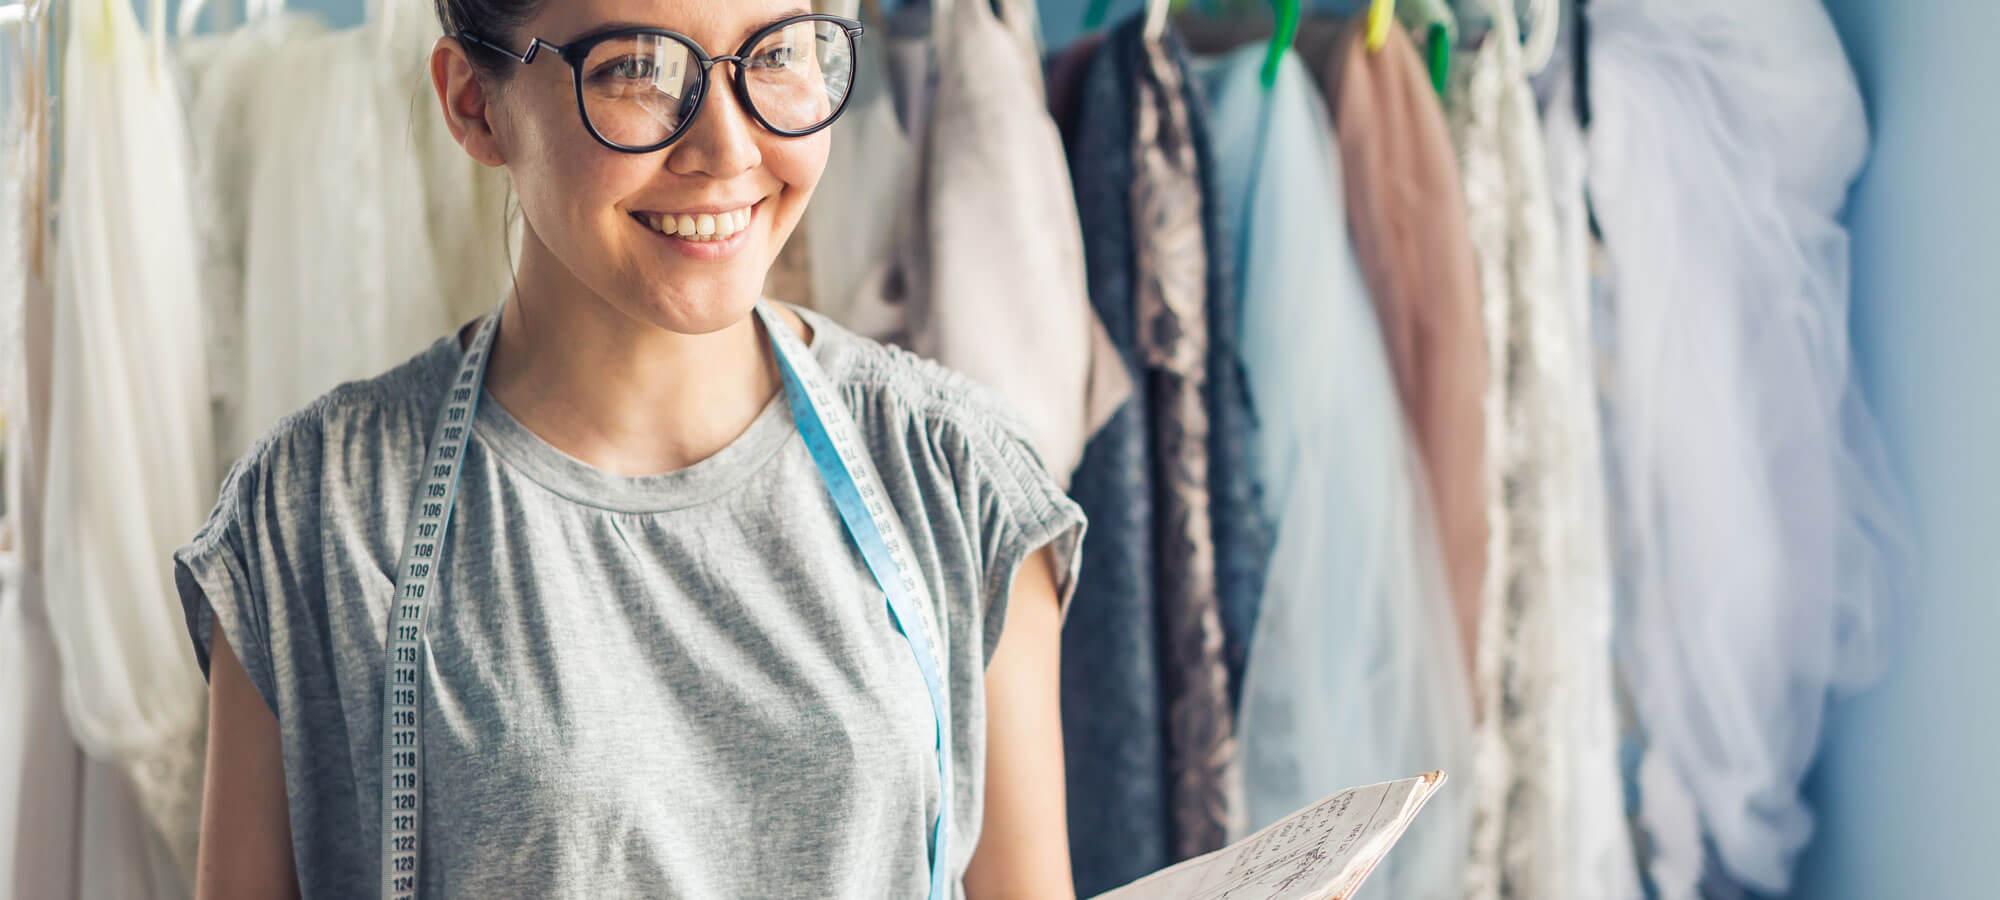 Klesdesigner som smiler med en notatbok i armene